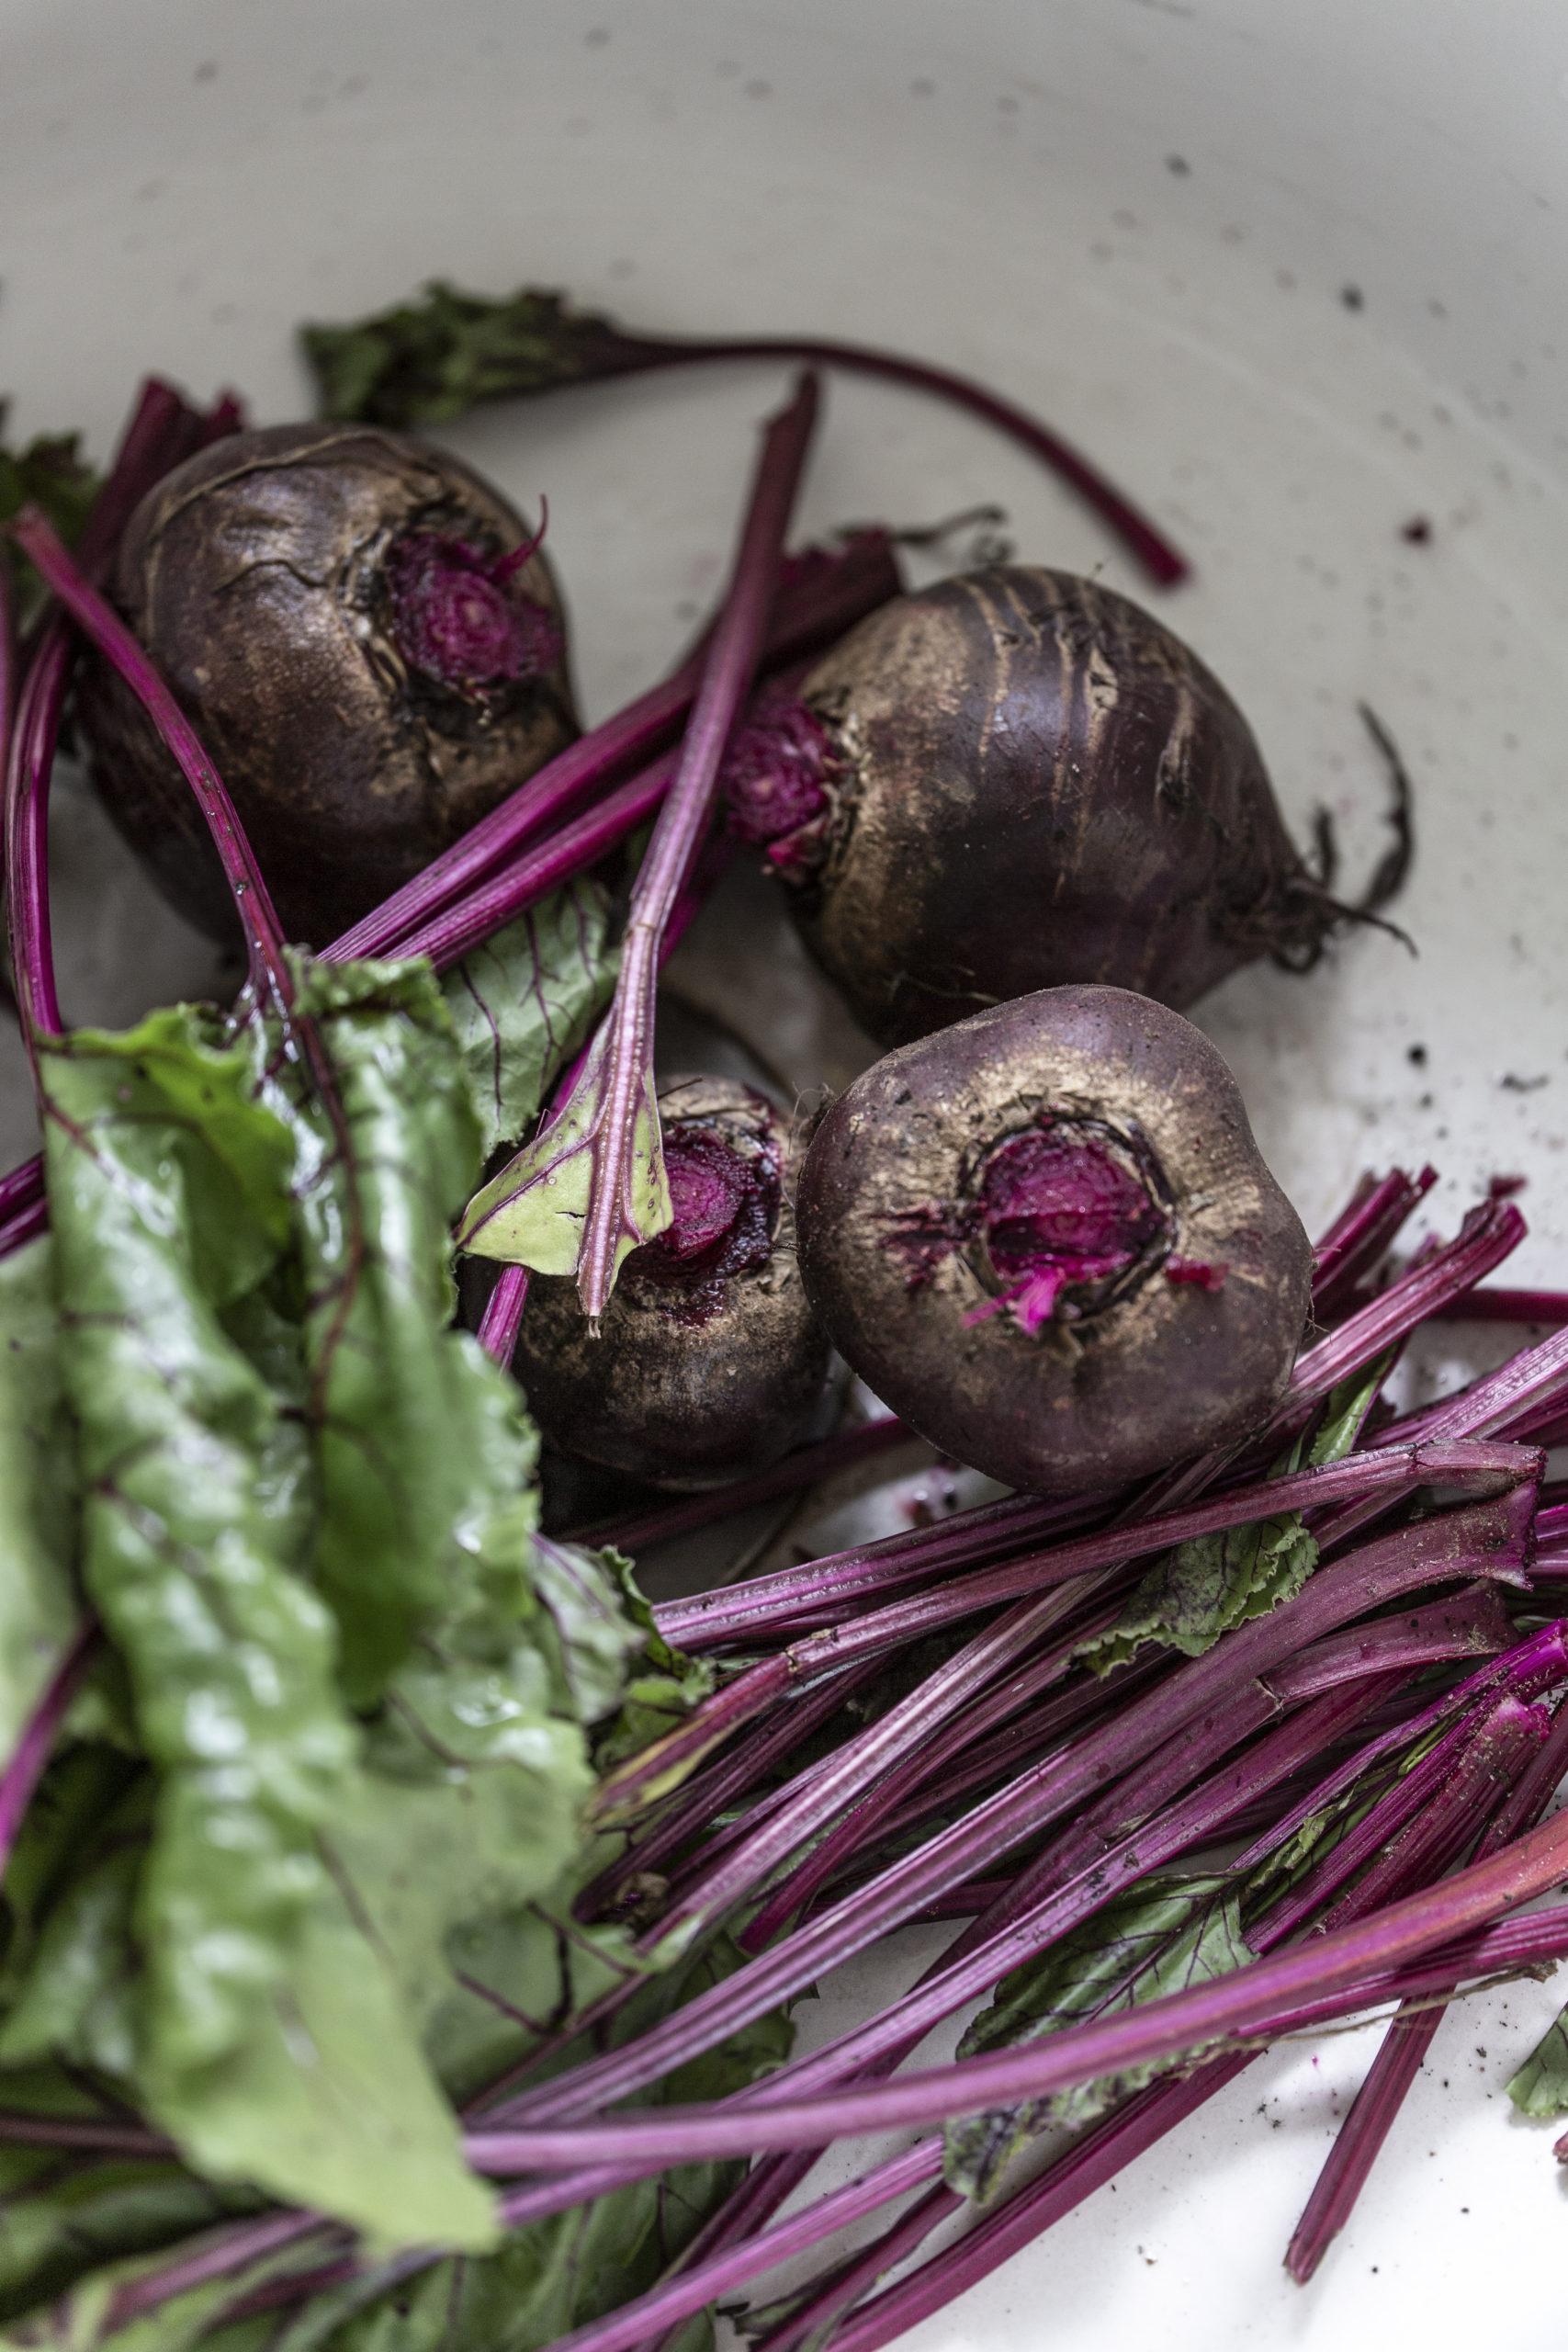 4 Rote Bete Knollen und Blätter in einer Keramikschüssel | Rote Beete fermentieren - Kvass Rezept | Syl Gervais - Gesunde vegane Rezepte